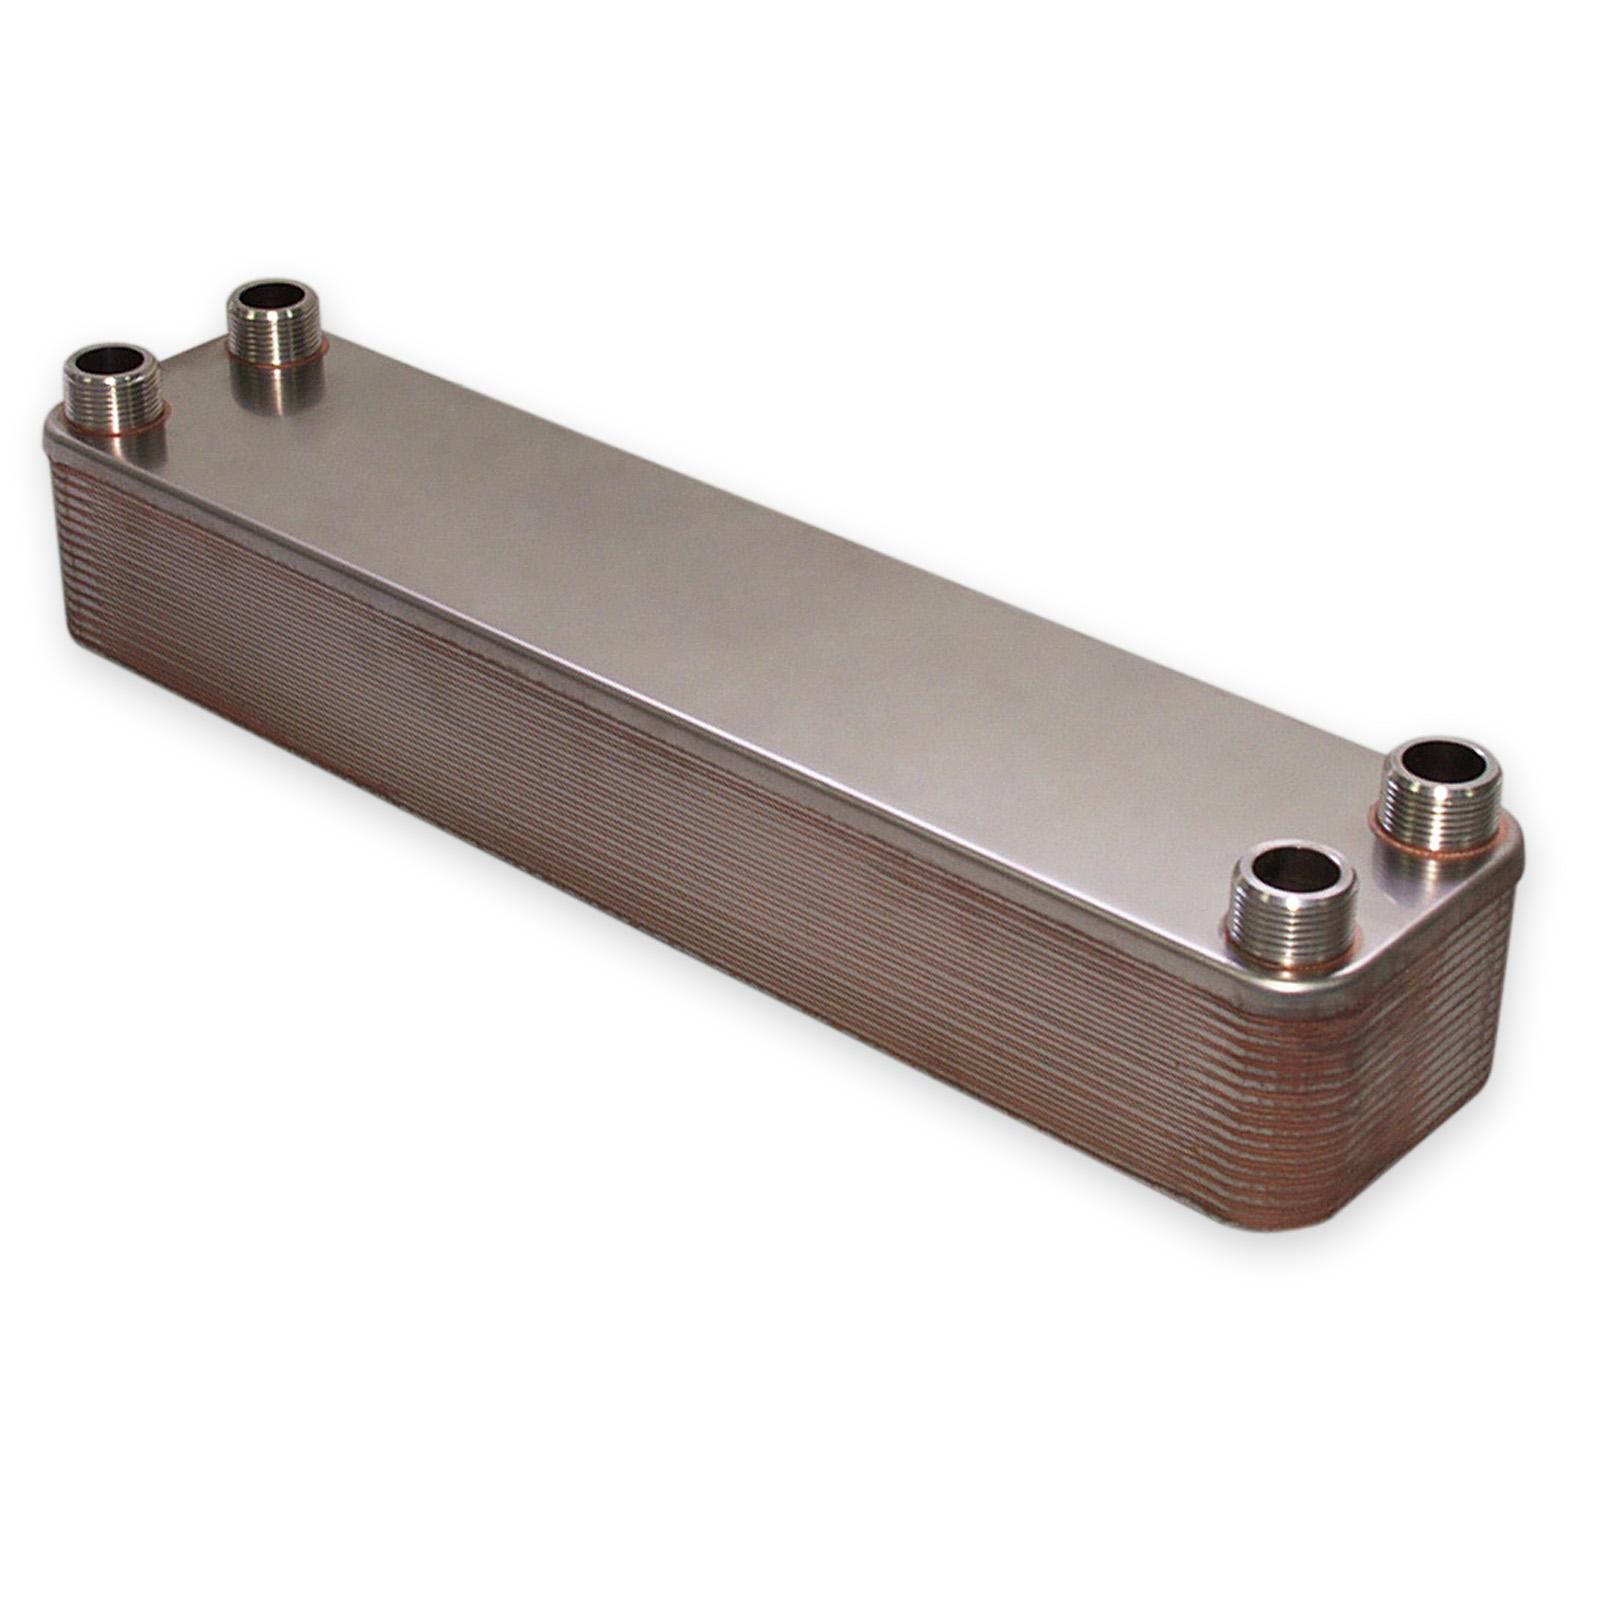 Hrale changeur de chaleur thermique inox 30 plaques max 330 kw eau solaire - Castorama plaque inox ...